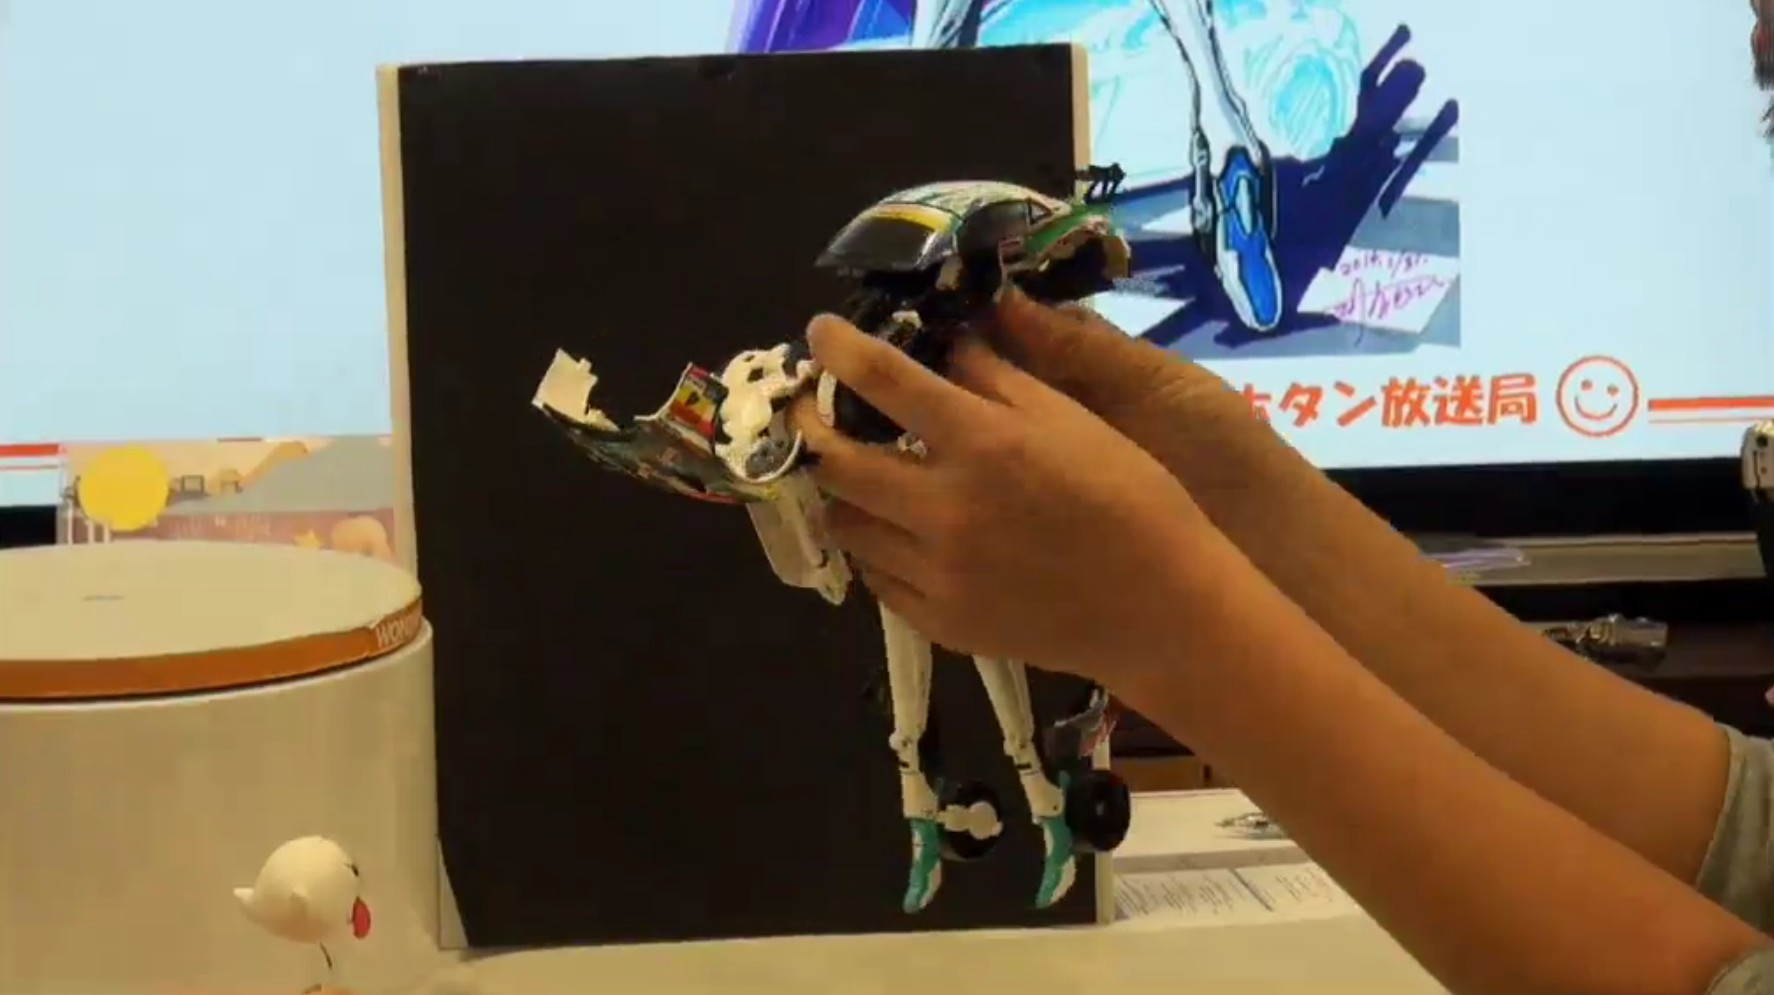 Gear Tribe 初音ミクGTプロジェクト2014Ver (14)